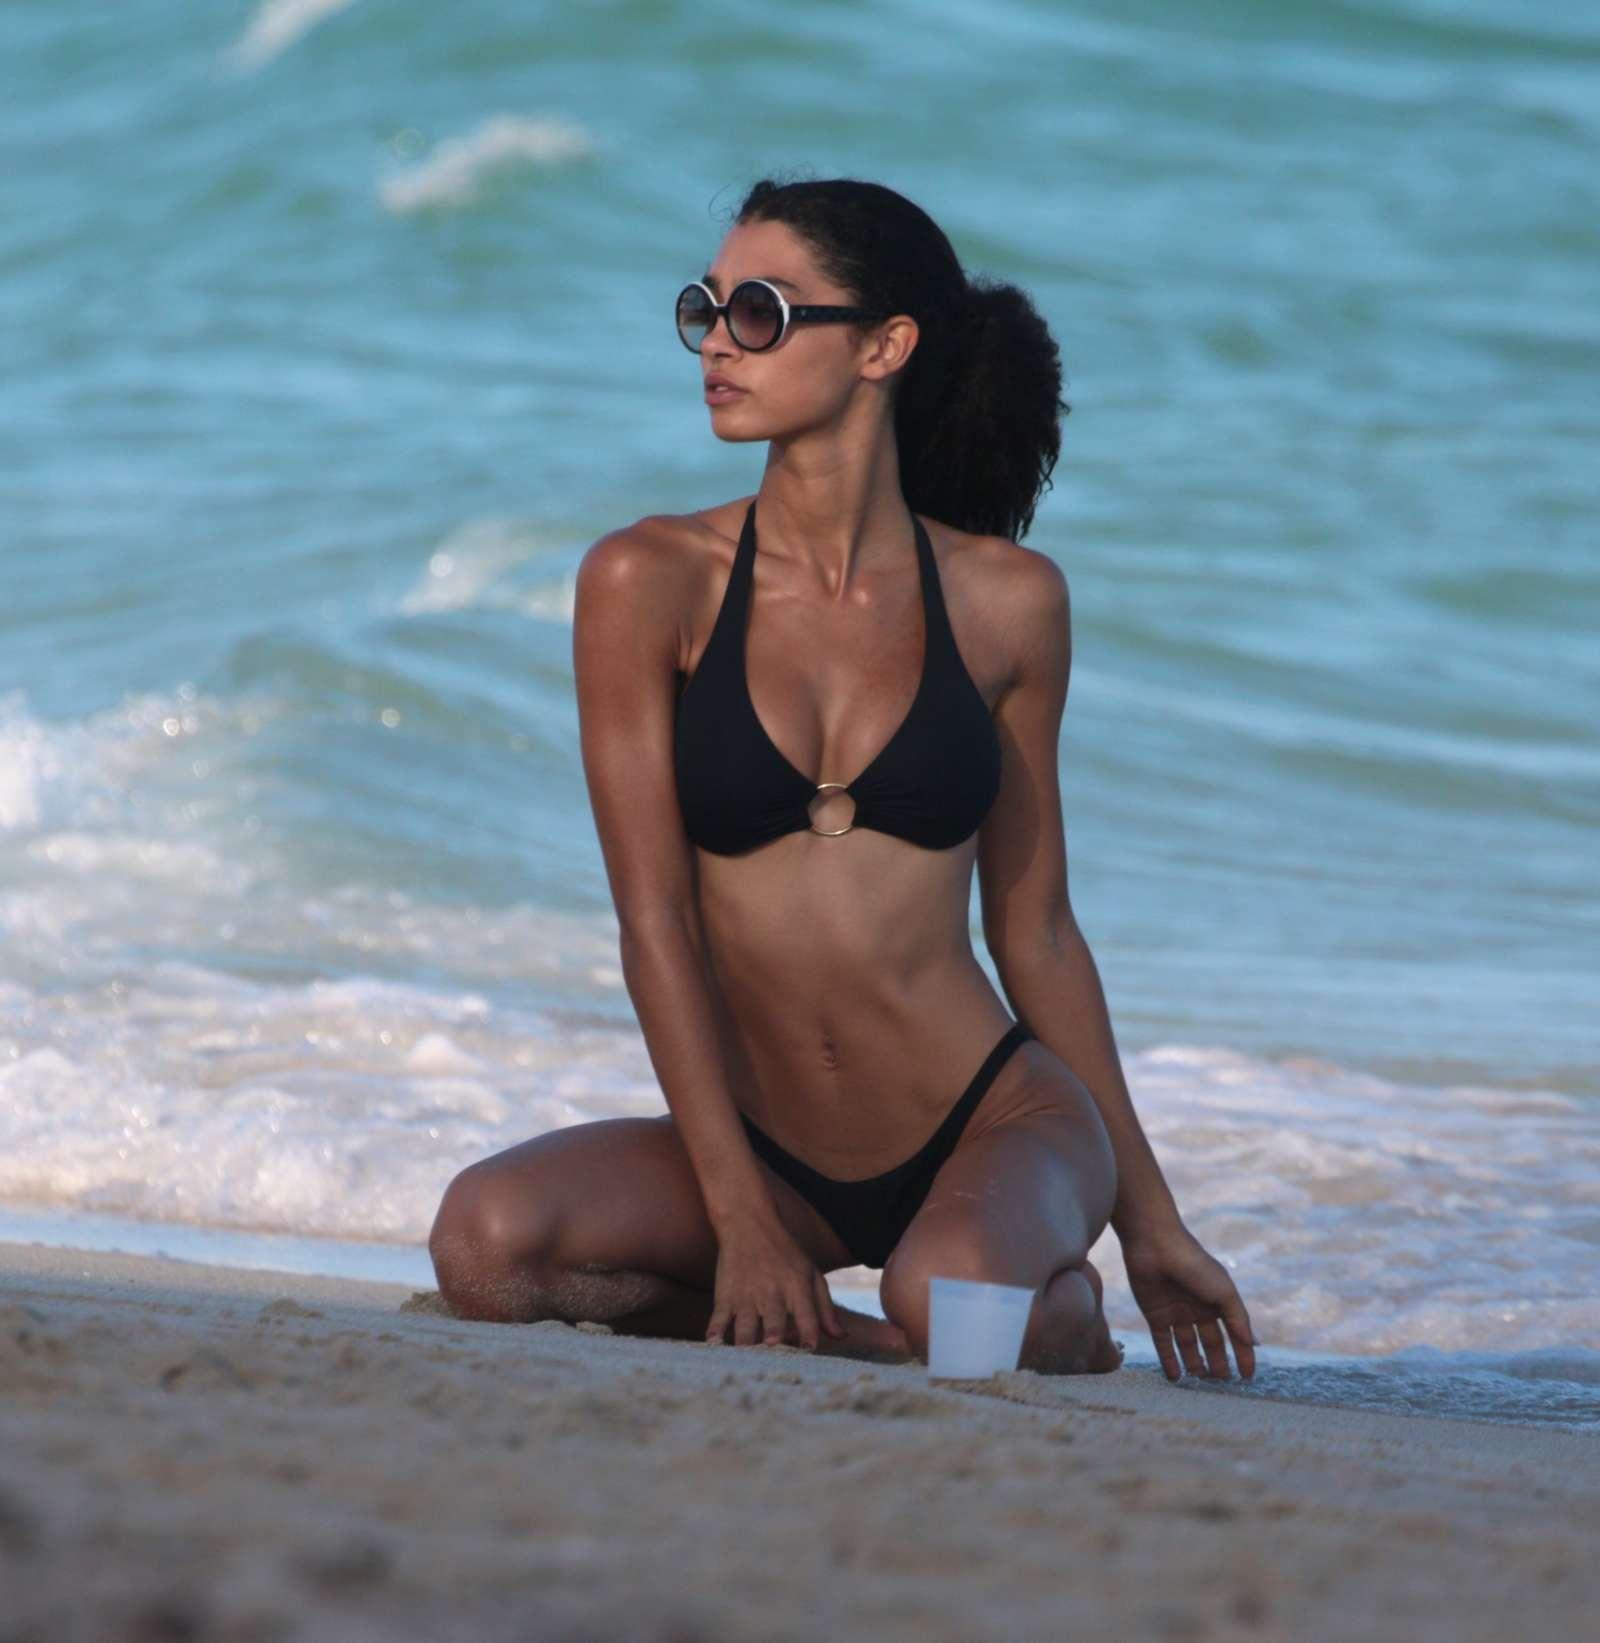 Bikini Raven Lyn nude photos 2019